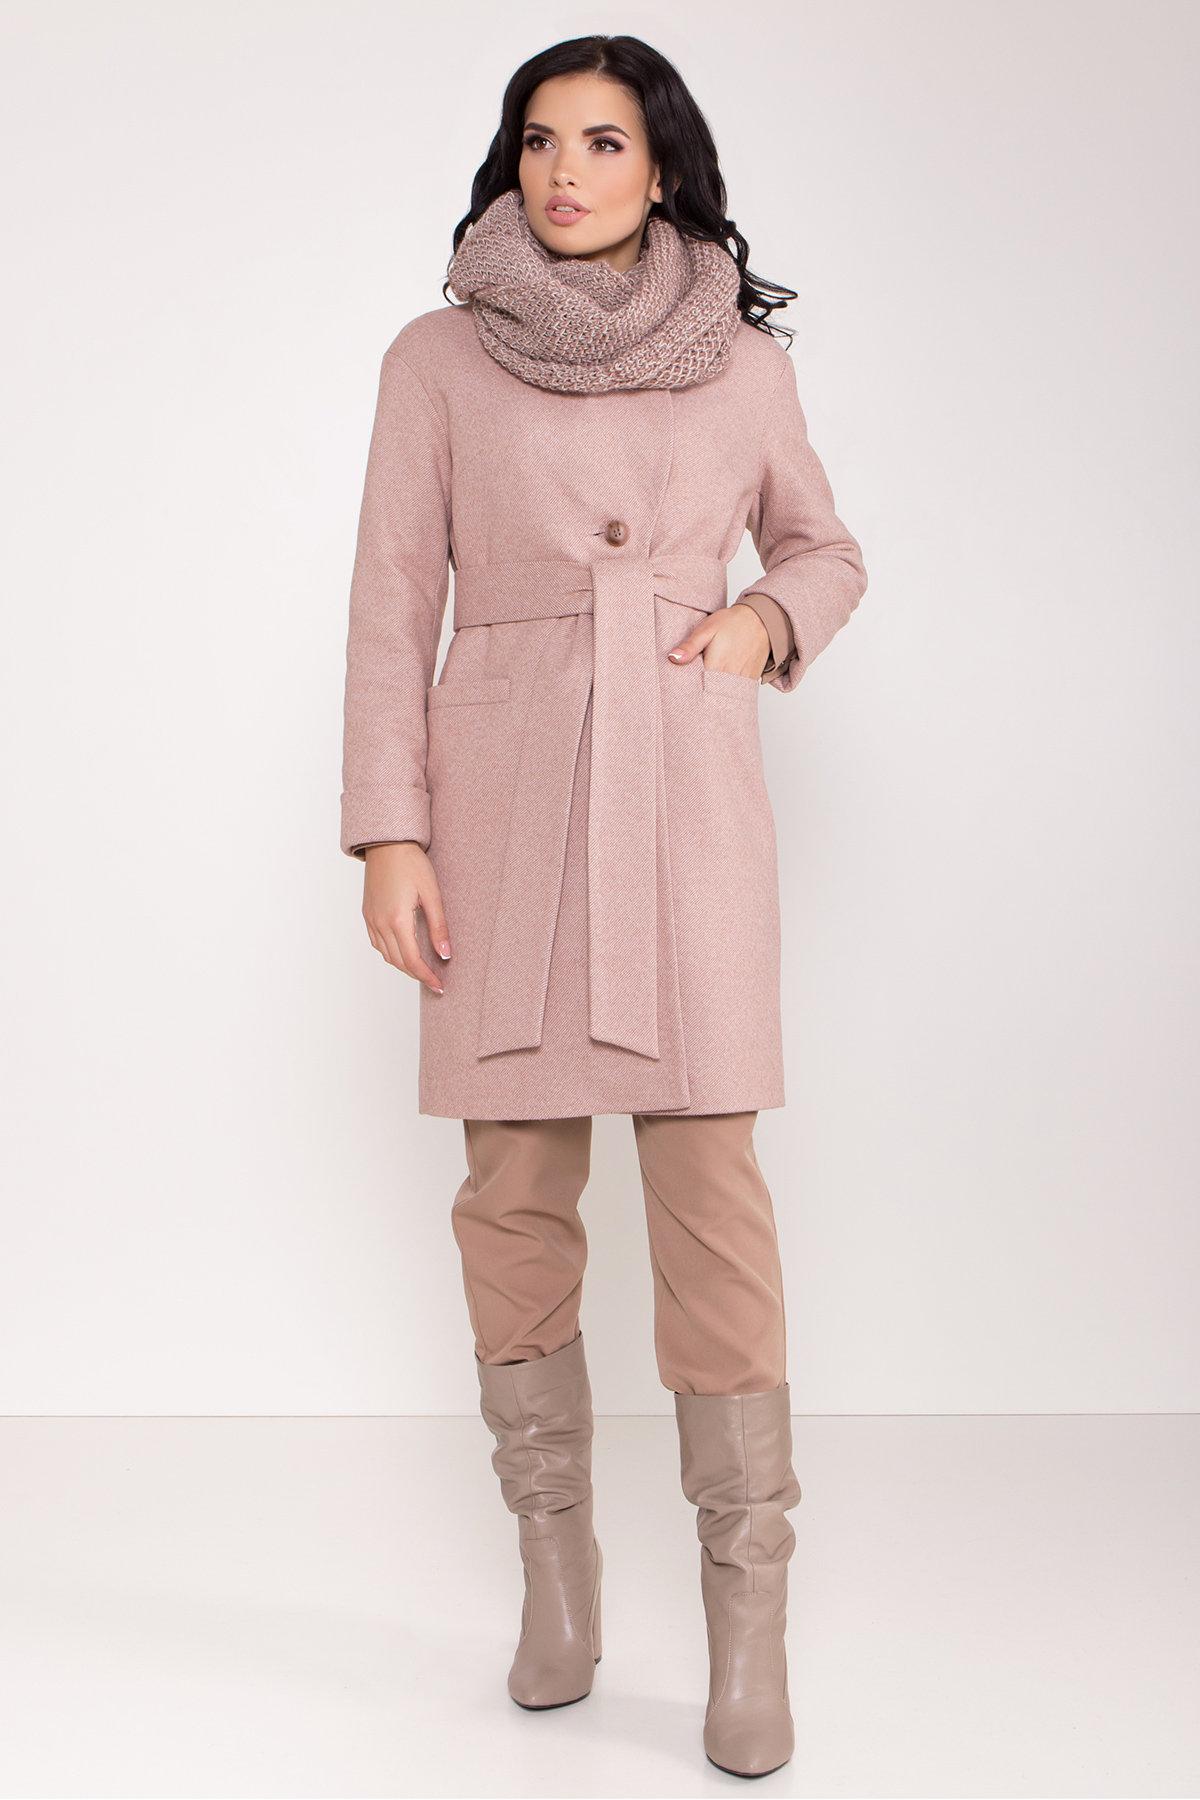 Зимнее утепленное пальто диагональ Вива 8243 АРТ. 44280 Цвет: Бежевый - фото 13, интернет магазин tm-modus.ru